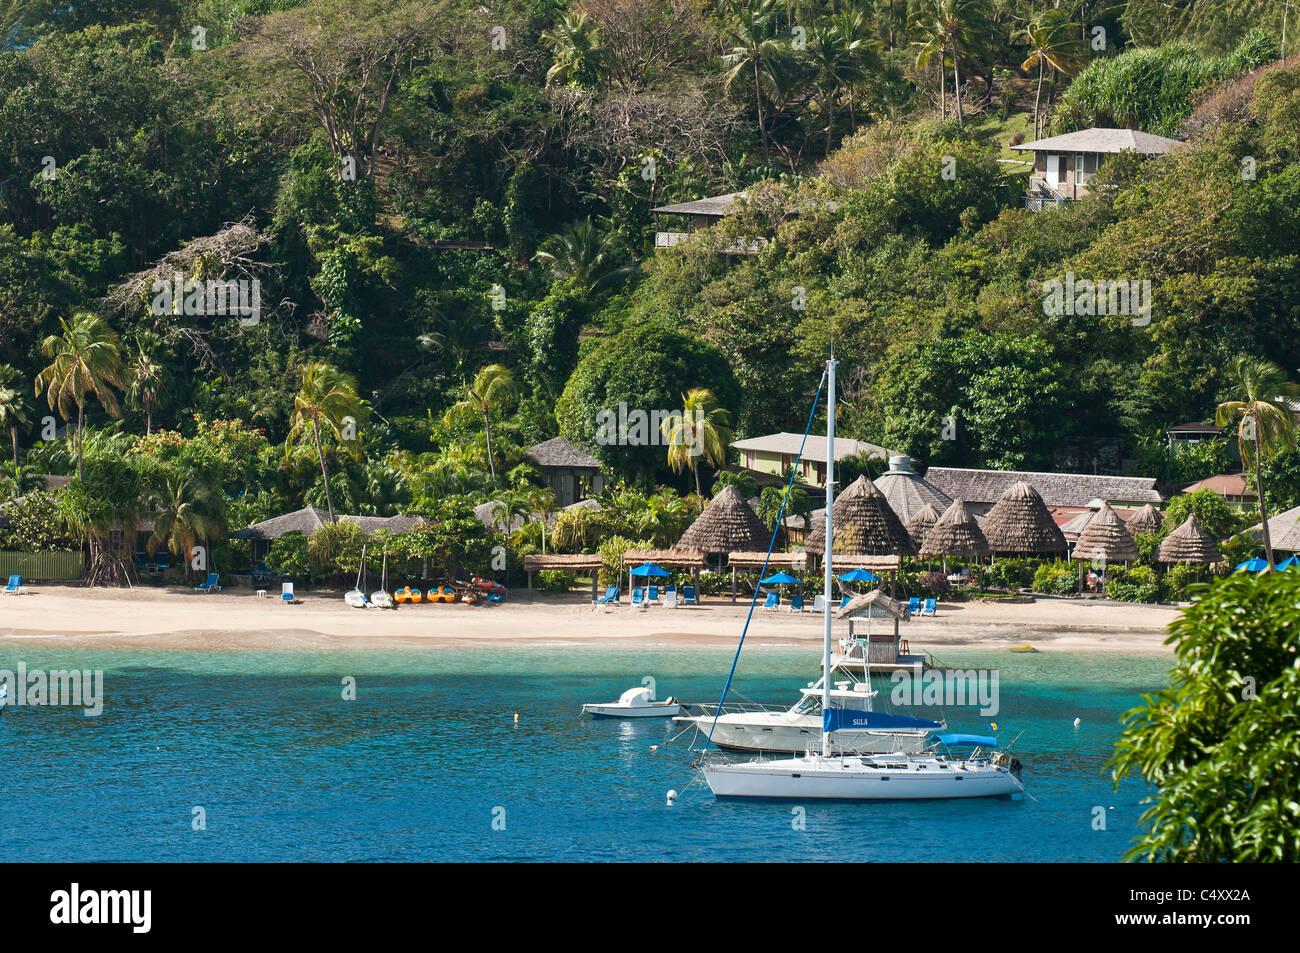 Young Island Villa Resort St Vincent